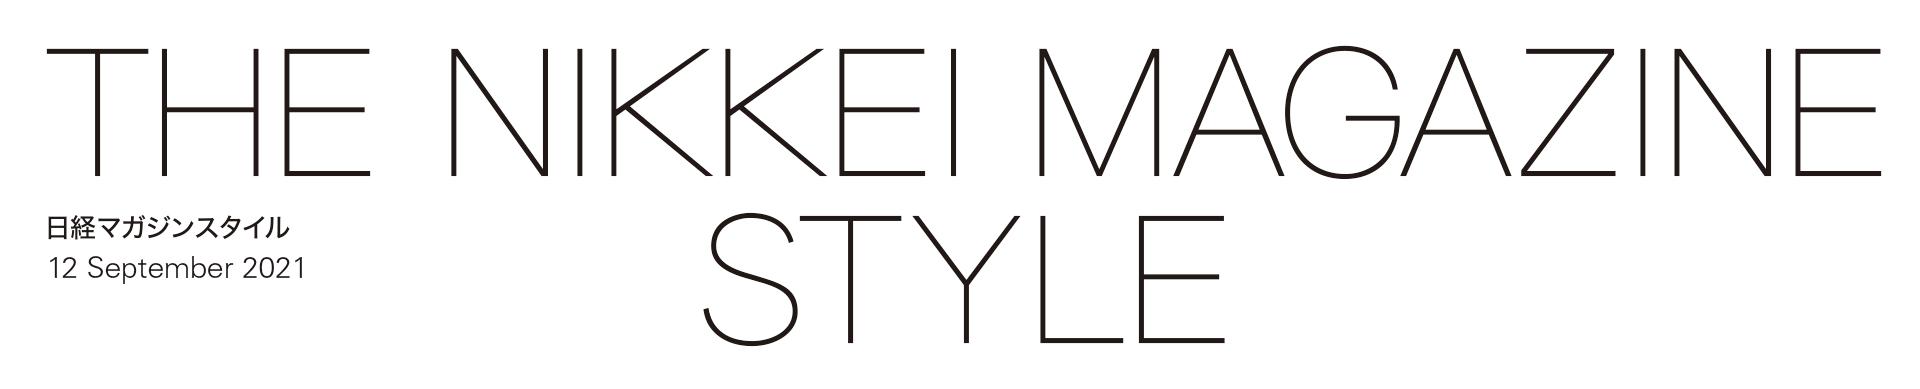 THE NIKKEI MAGAZINE STYLE 日経マガジンスタイル